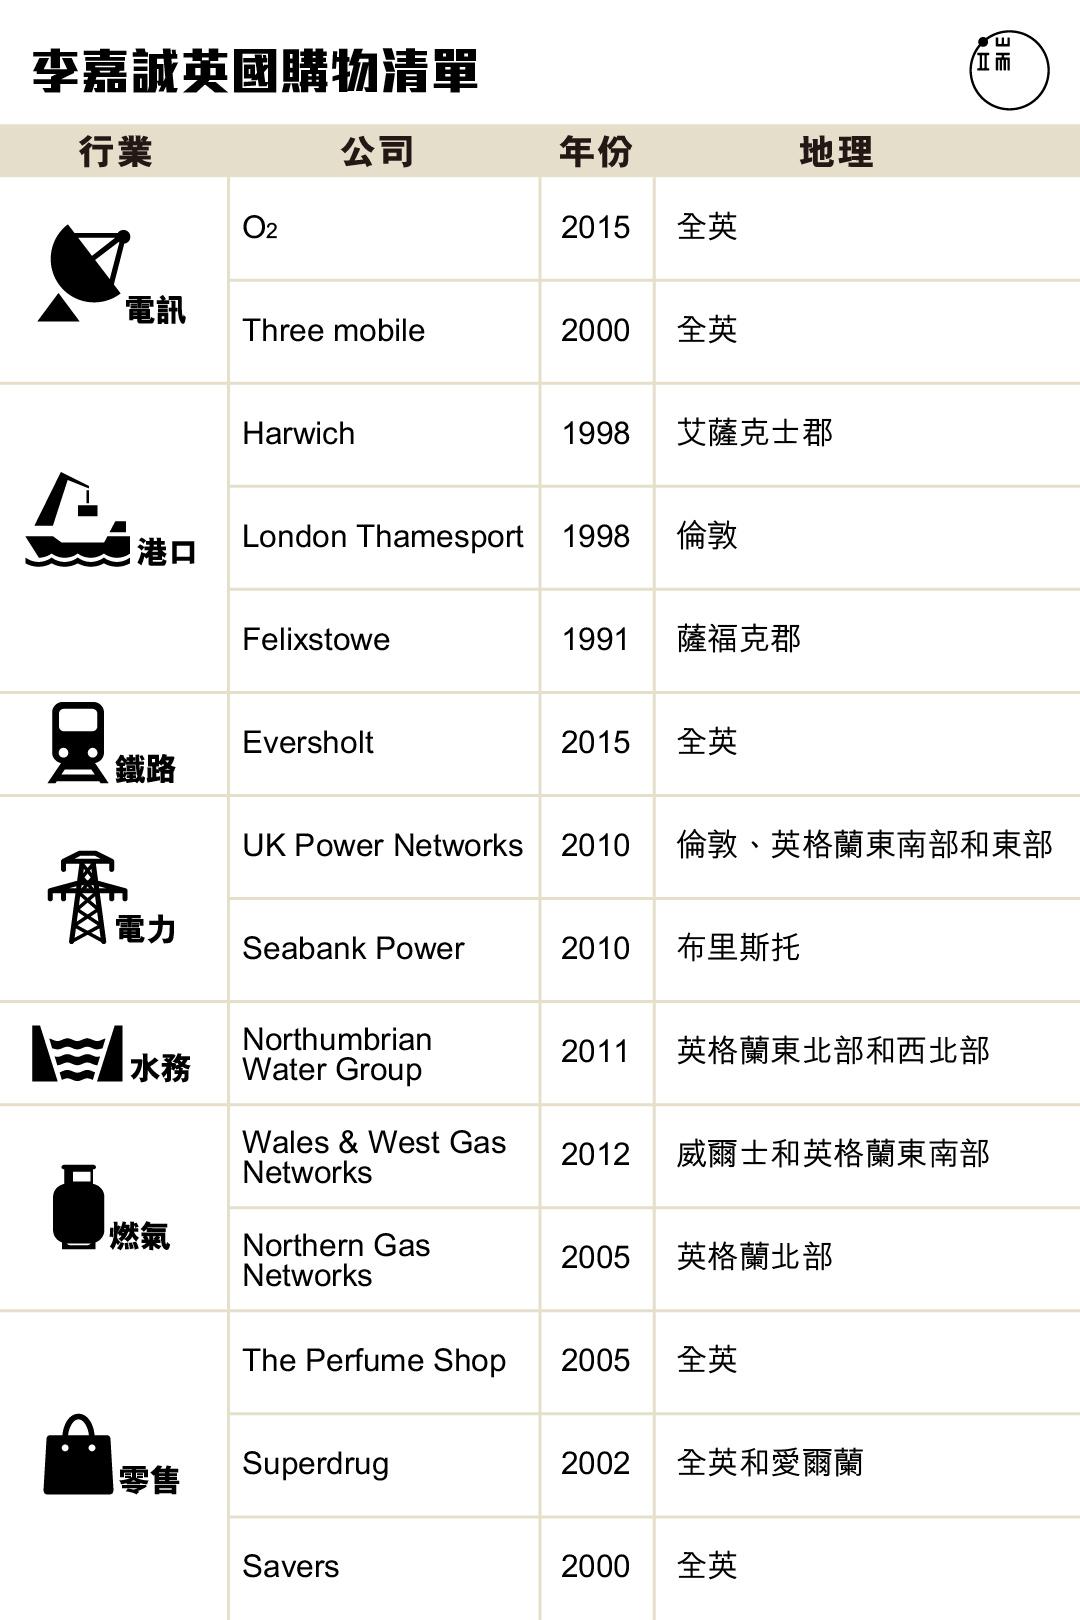 李嘉誠英國購物清單 端傳媒設計組